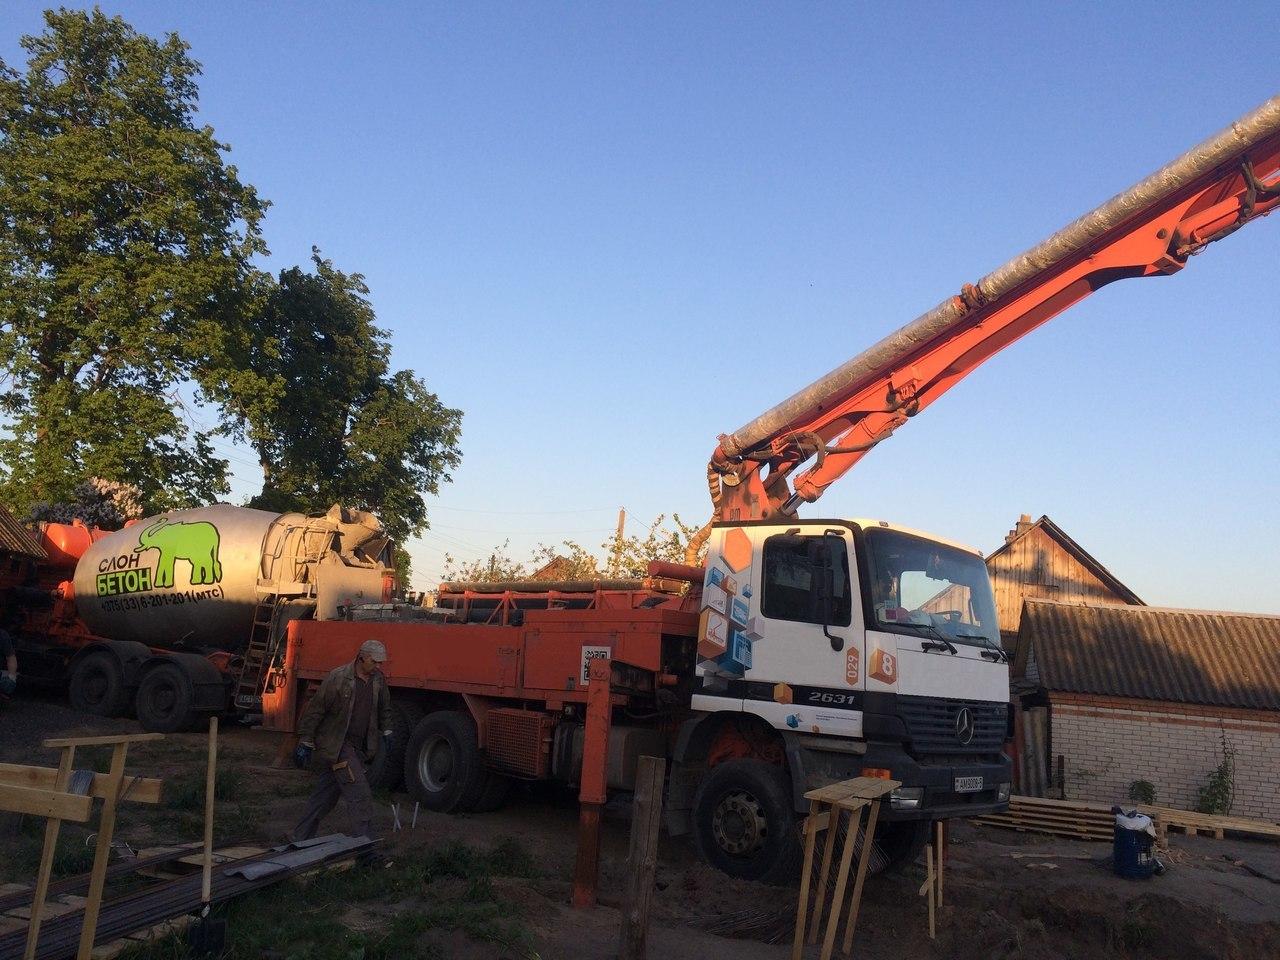 Слон бетон слуцк цена бетон за 1 м3 в москве